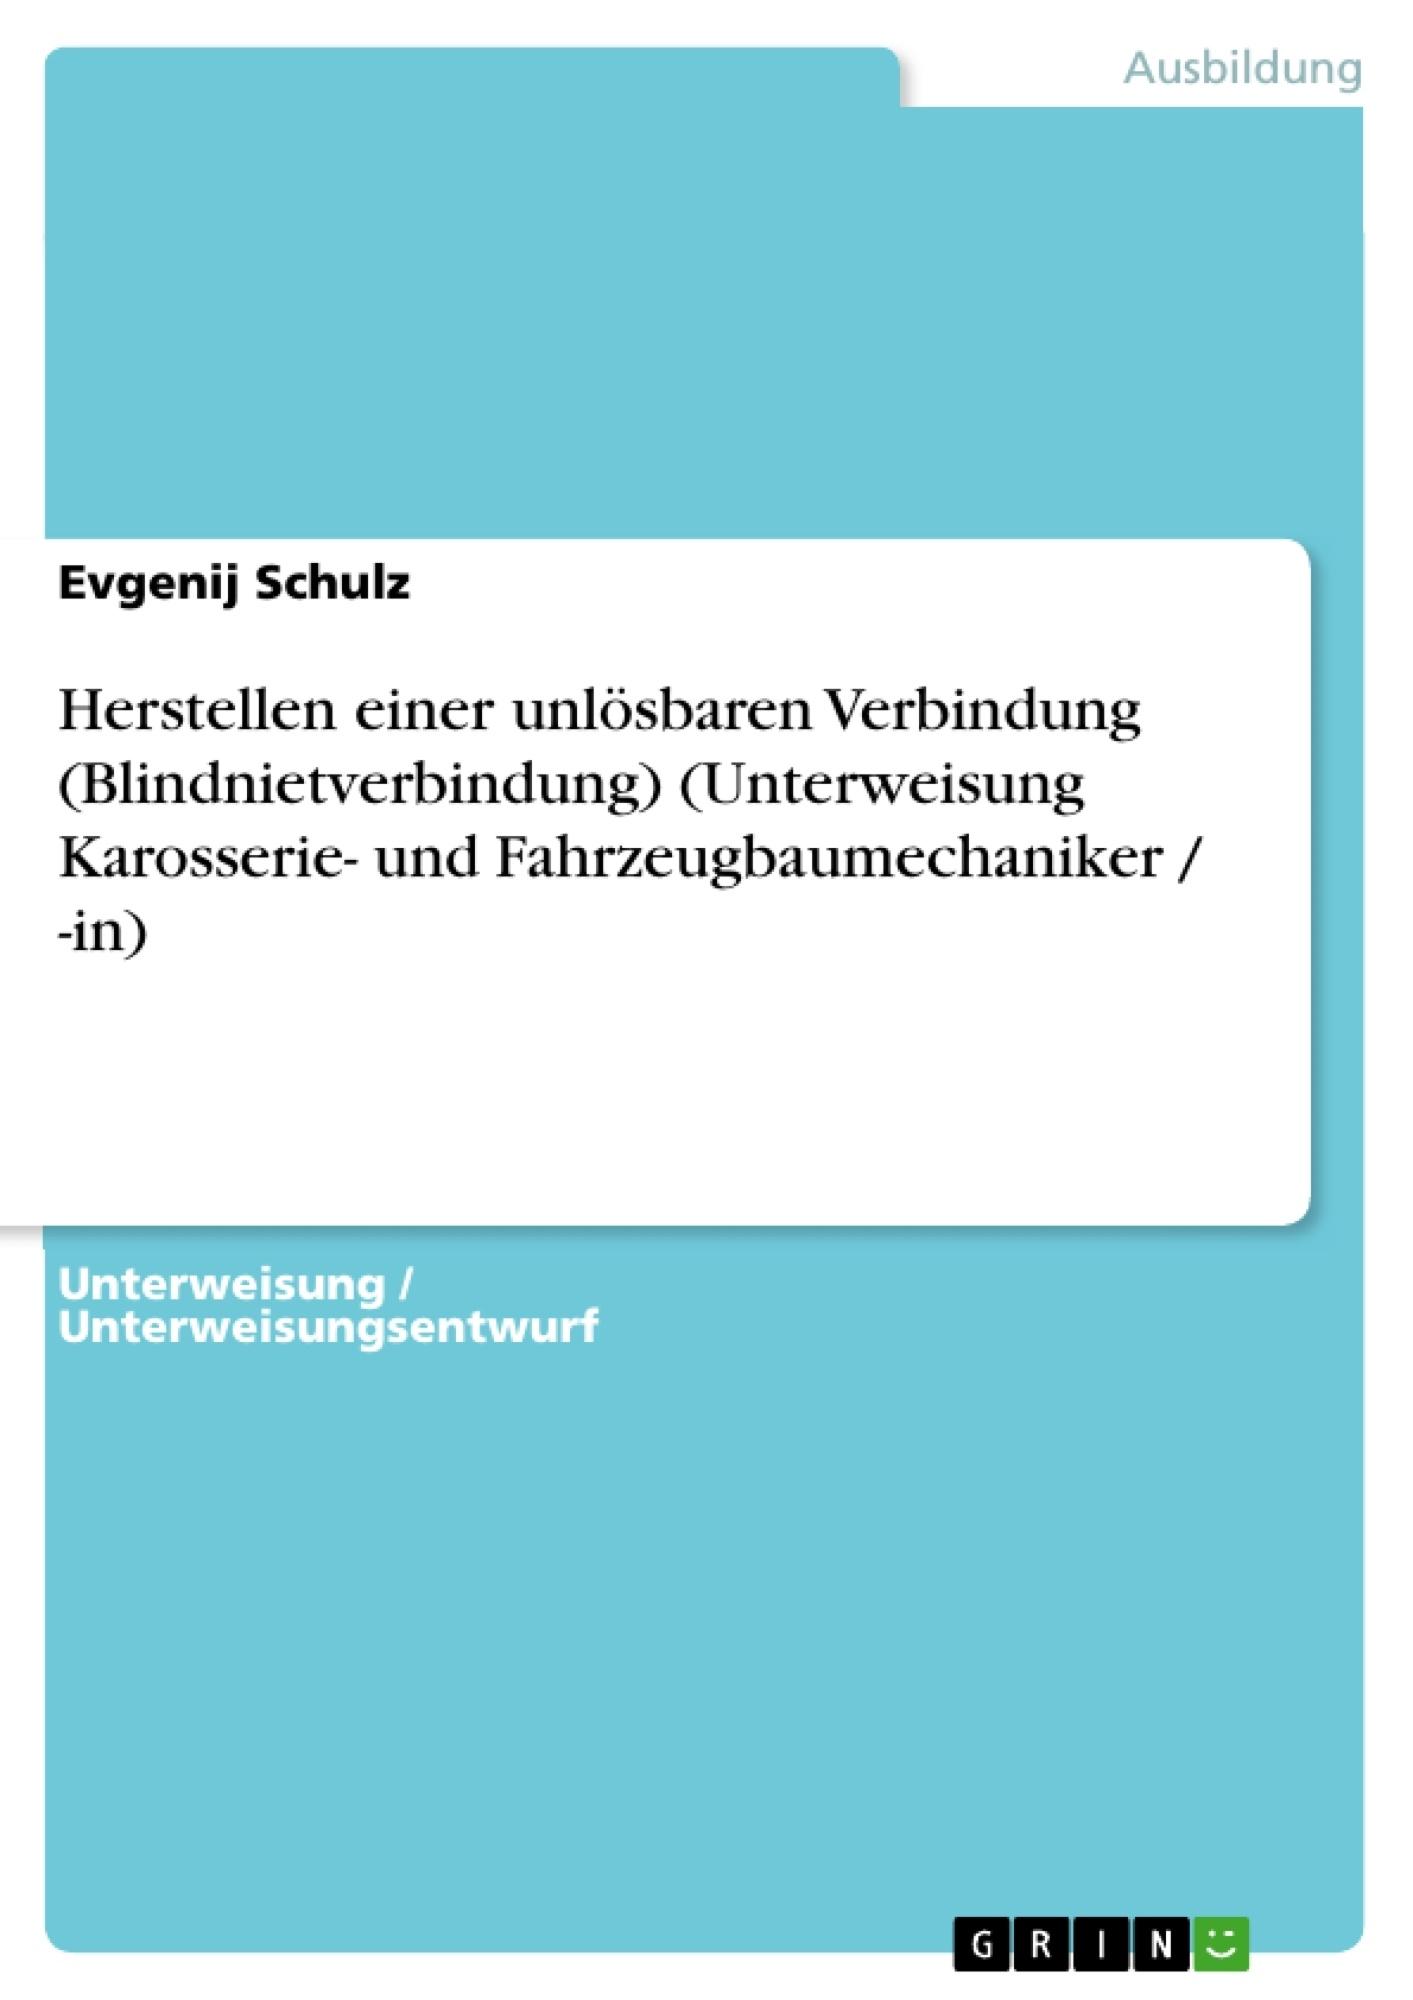 Titel: Herstellen einer unlösbaren Verbindung (Blindnietverbindung) (Unterweisung Karosserie- und Fahrzeugbaumechaniker / -in)